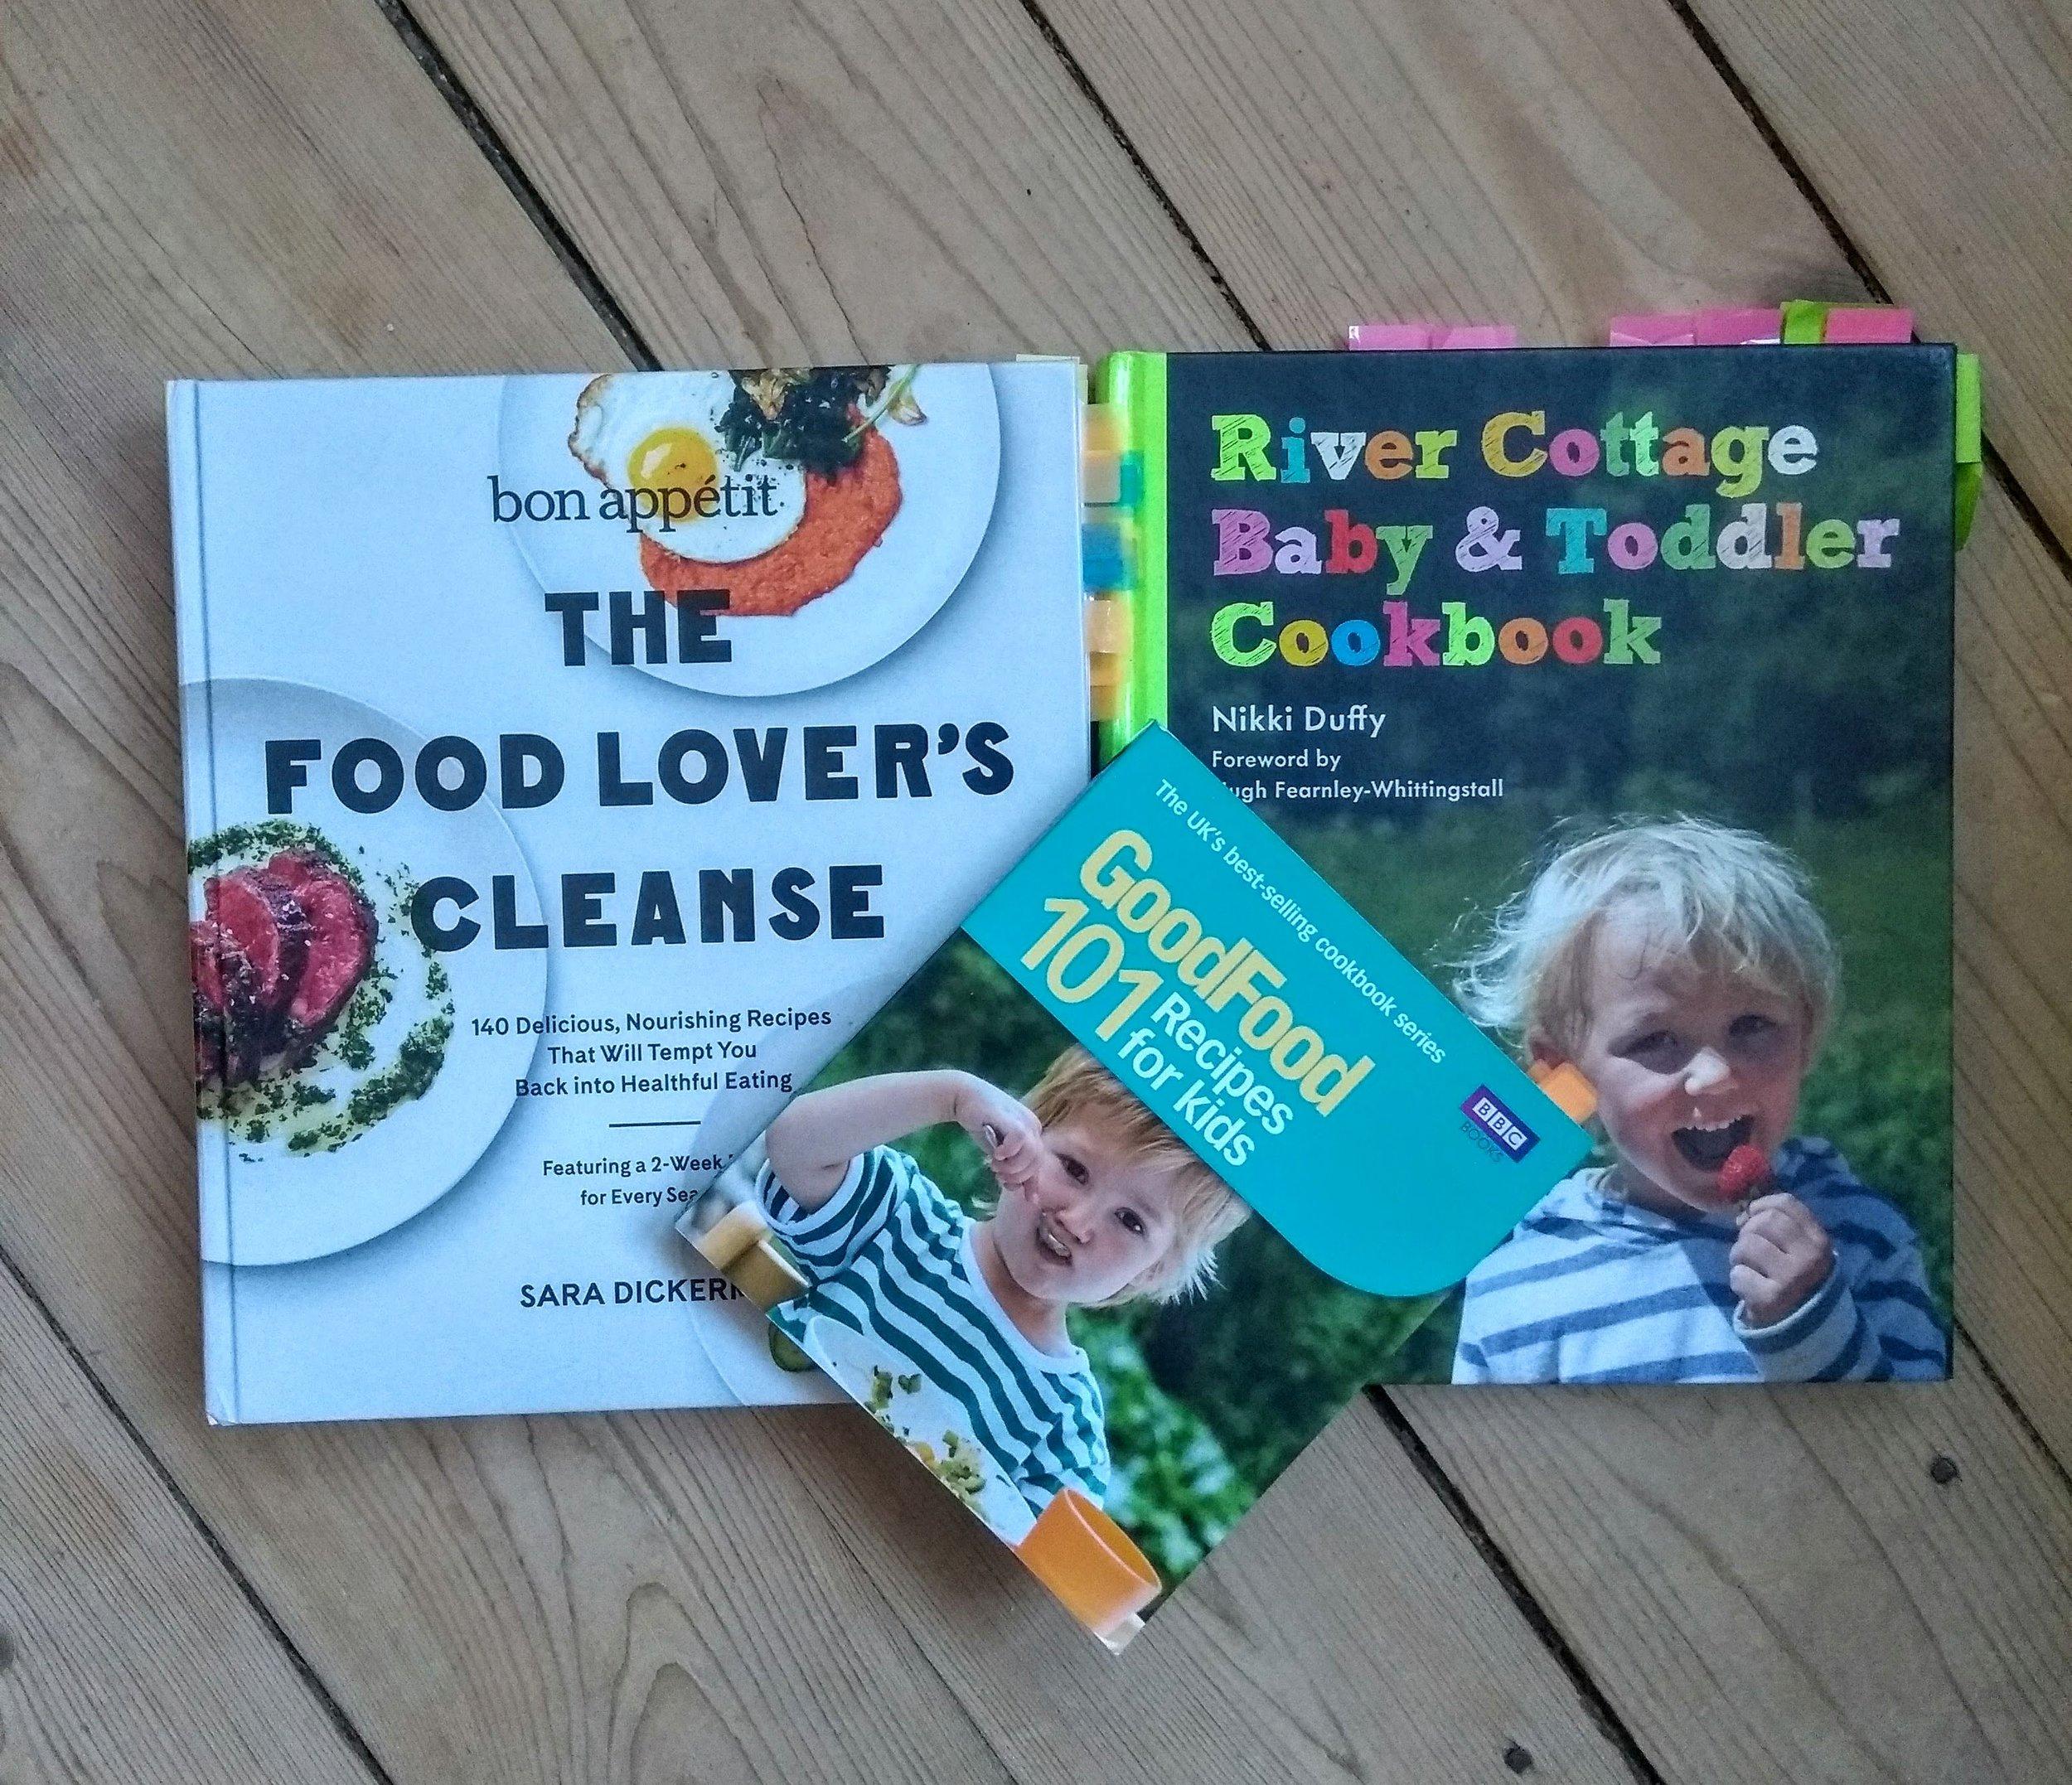 Cookbook Inspiration Bon appetit, GoodFood and River Cottage.jpg